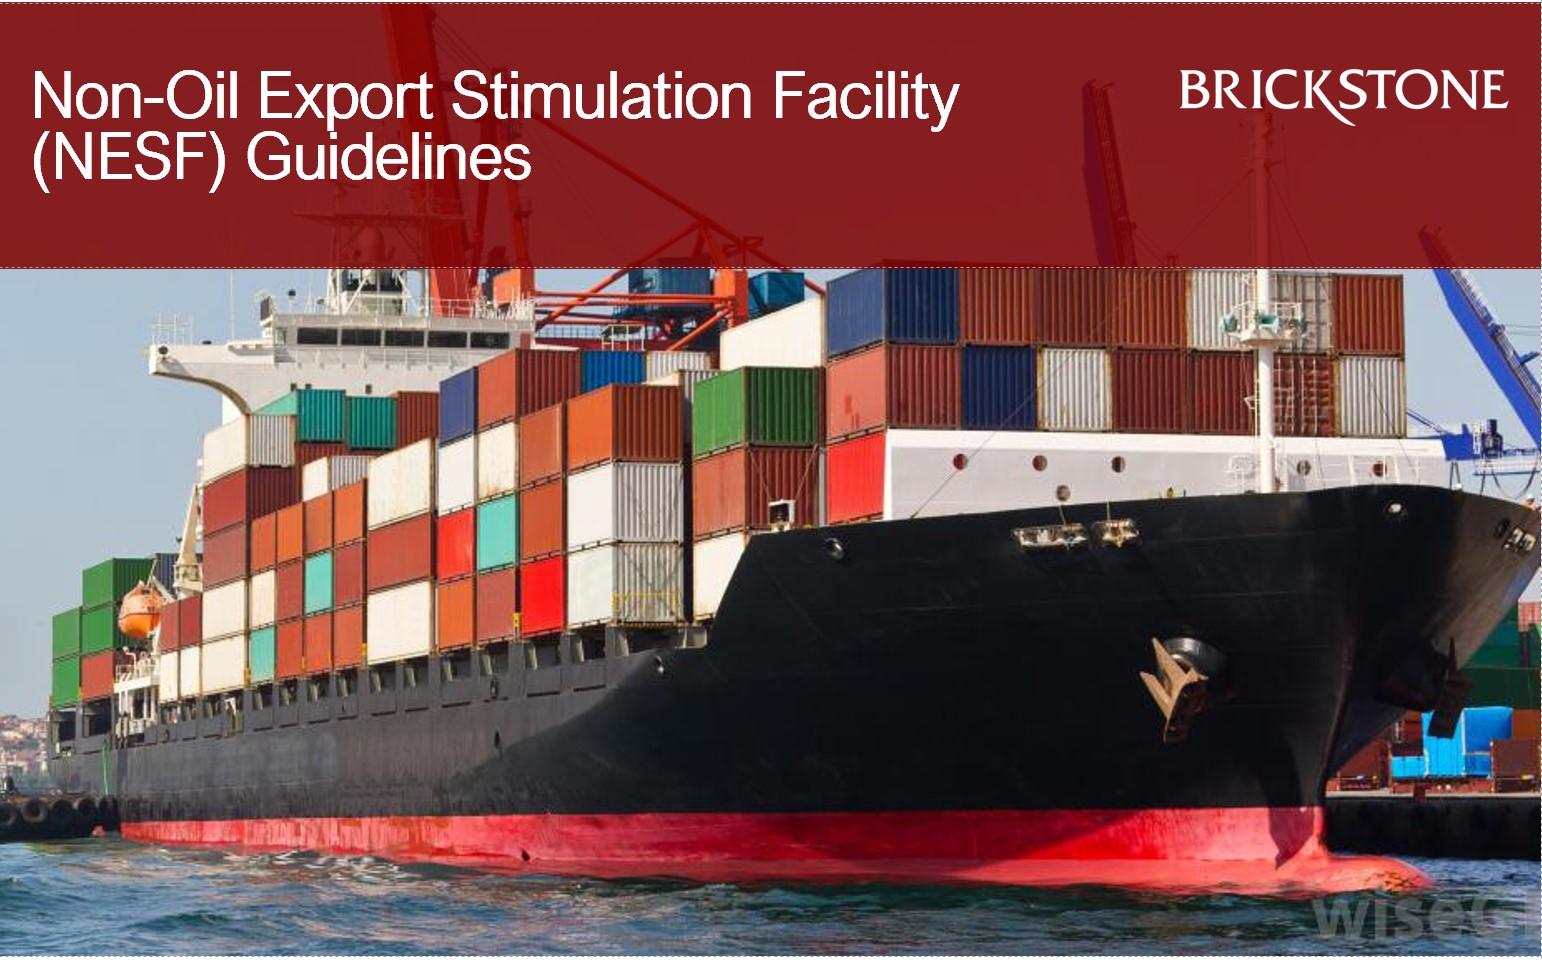 Non-Oil Export Stimulation Facility